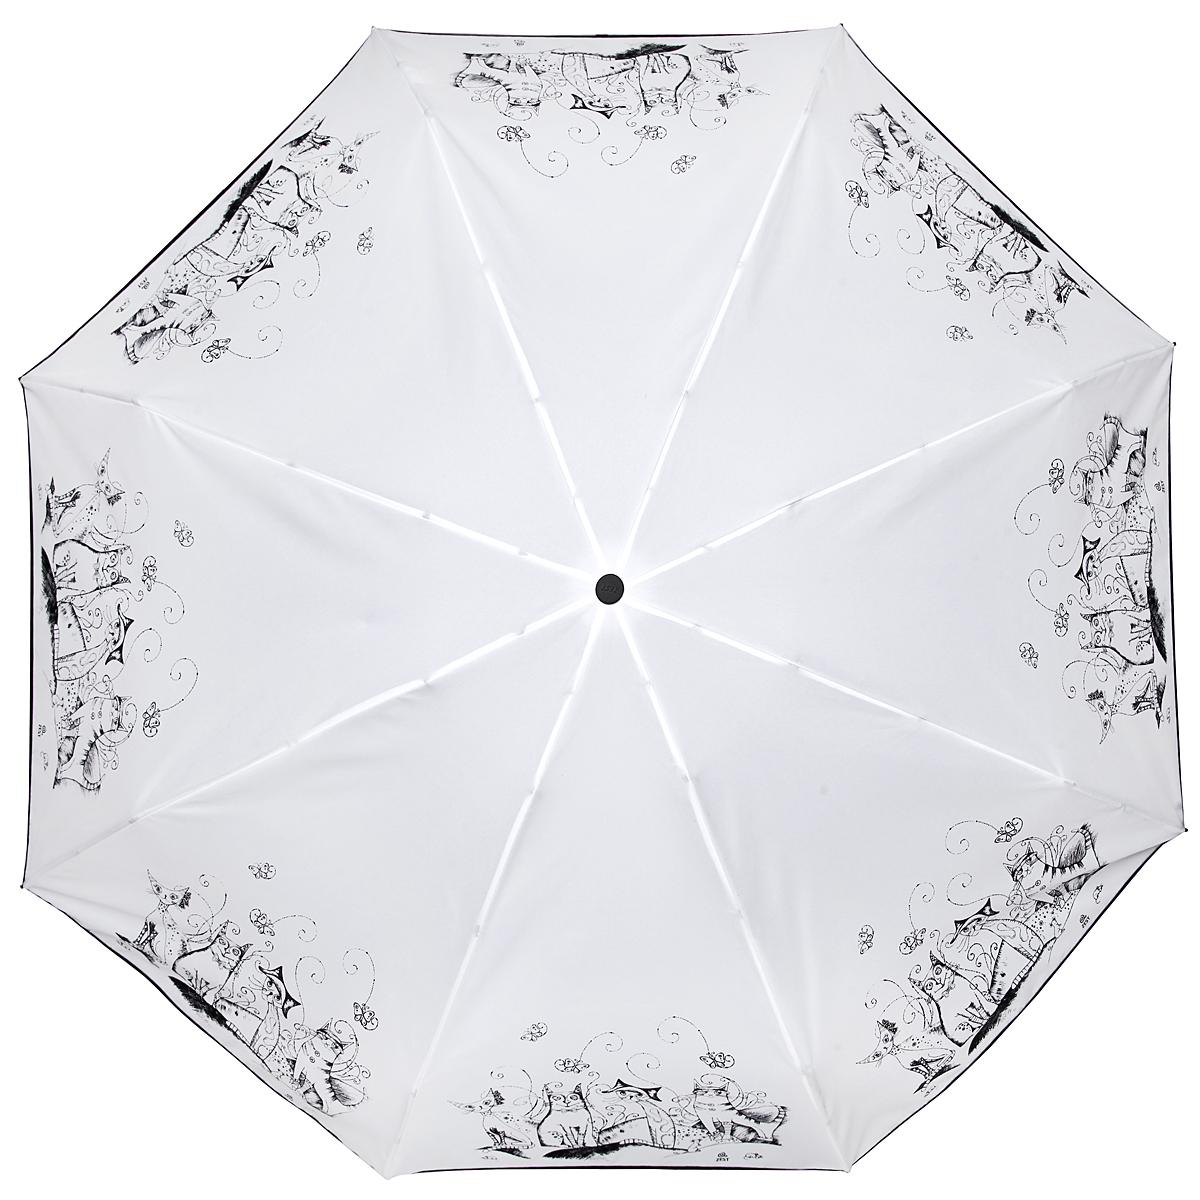 Зонт женский Zest, автомат, 4 сложения, цвет: белый, черный. 24759-005024759-0050Элегантный автоматический зонт Zest в 4 сложения изготовлен из высокопрочных материалов. Каркас зонта состоит из 8 спиц и прочного алюминиевого стержня. Специальная система Windproof защищает его от поломок во время сильных порывов ветра. Купол зонта выполнен из прочного полиэстера с водоотталкивающей пропиткой и оформлен забавным изображением котиков. Используемые высококачественные красители обеспечивают длительное сохранение свойств ткани купола. Рукоятка, разработанная с учетом требований эргономики, выполнена из пластика. Зонт имеет полный автоматический механизм сложения: купол открывается и закрывается нажатием кнопки на рукоятке, стержень складывается вручную до характерного щелчка. Благодаря этому открыть и закрыть зонт можно одной рукой, что чрезвычайно удобно при входе в транспорт или помещение. Небольшой шнурок, расположенный на рукоятке, позволяет надеть изделие на руку при необходимости. Модель закрывается при помощи хлястика на застежку-липучку. К зонту...